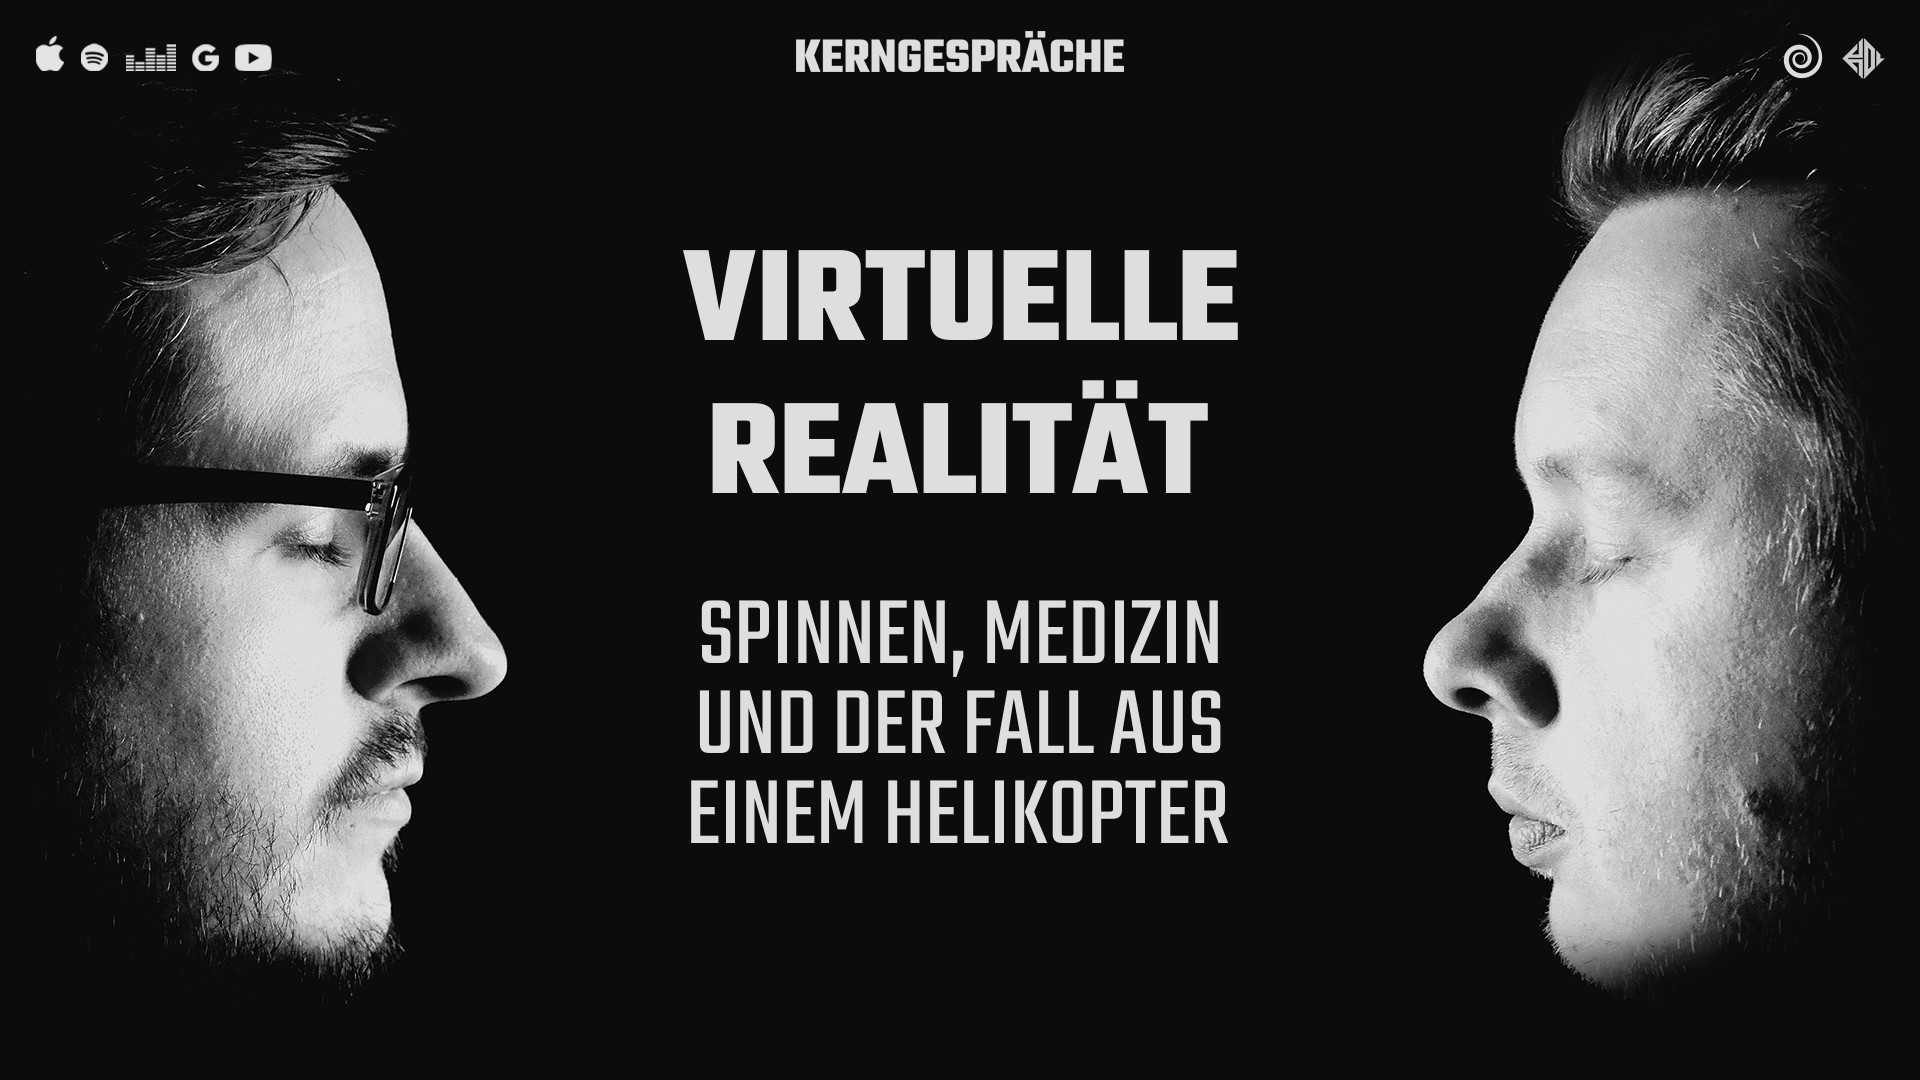 Virtuelle Realität: Spinnen, Medizin und der Fall aus einem Helikopter